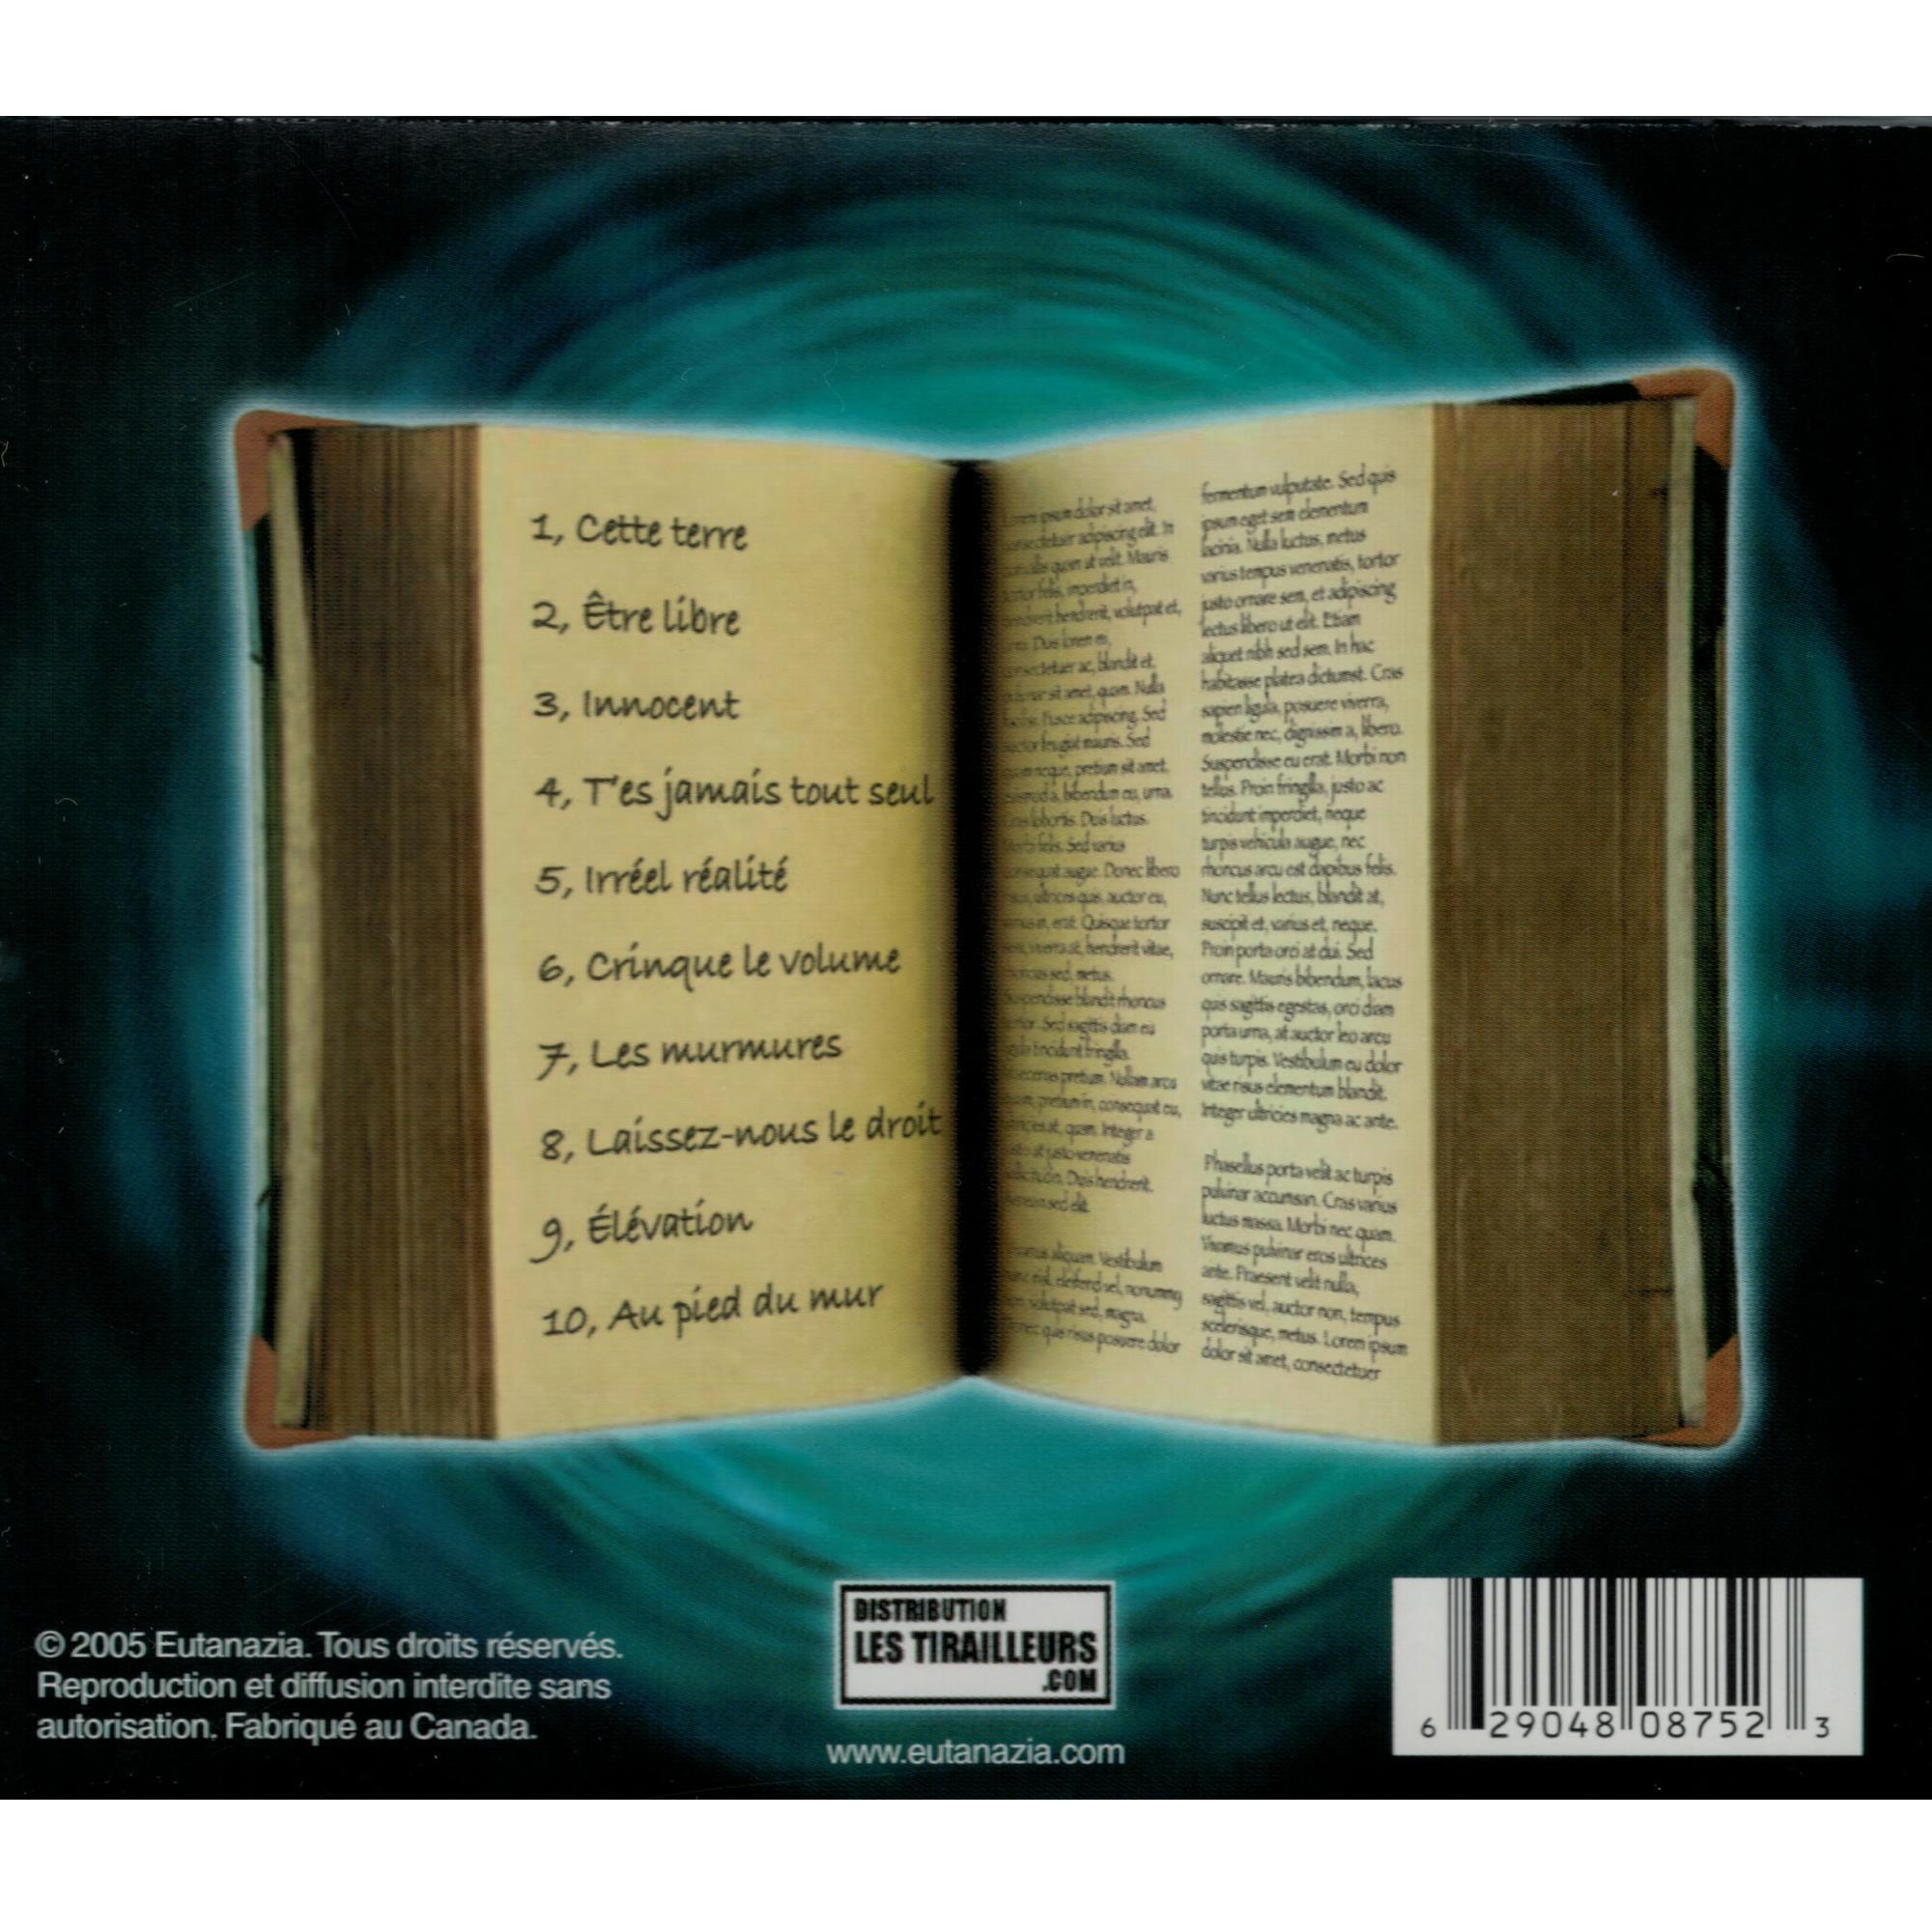 Crinque Le Volume CD